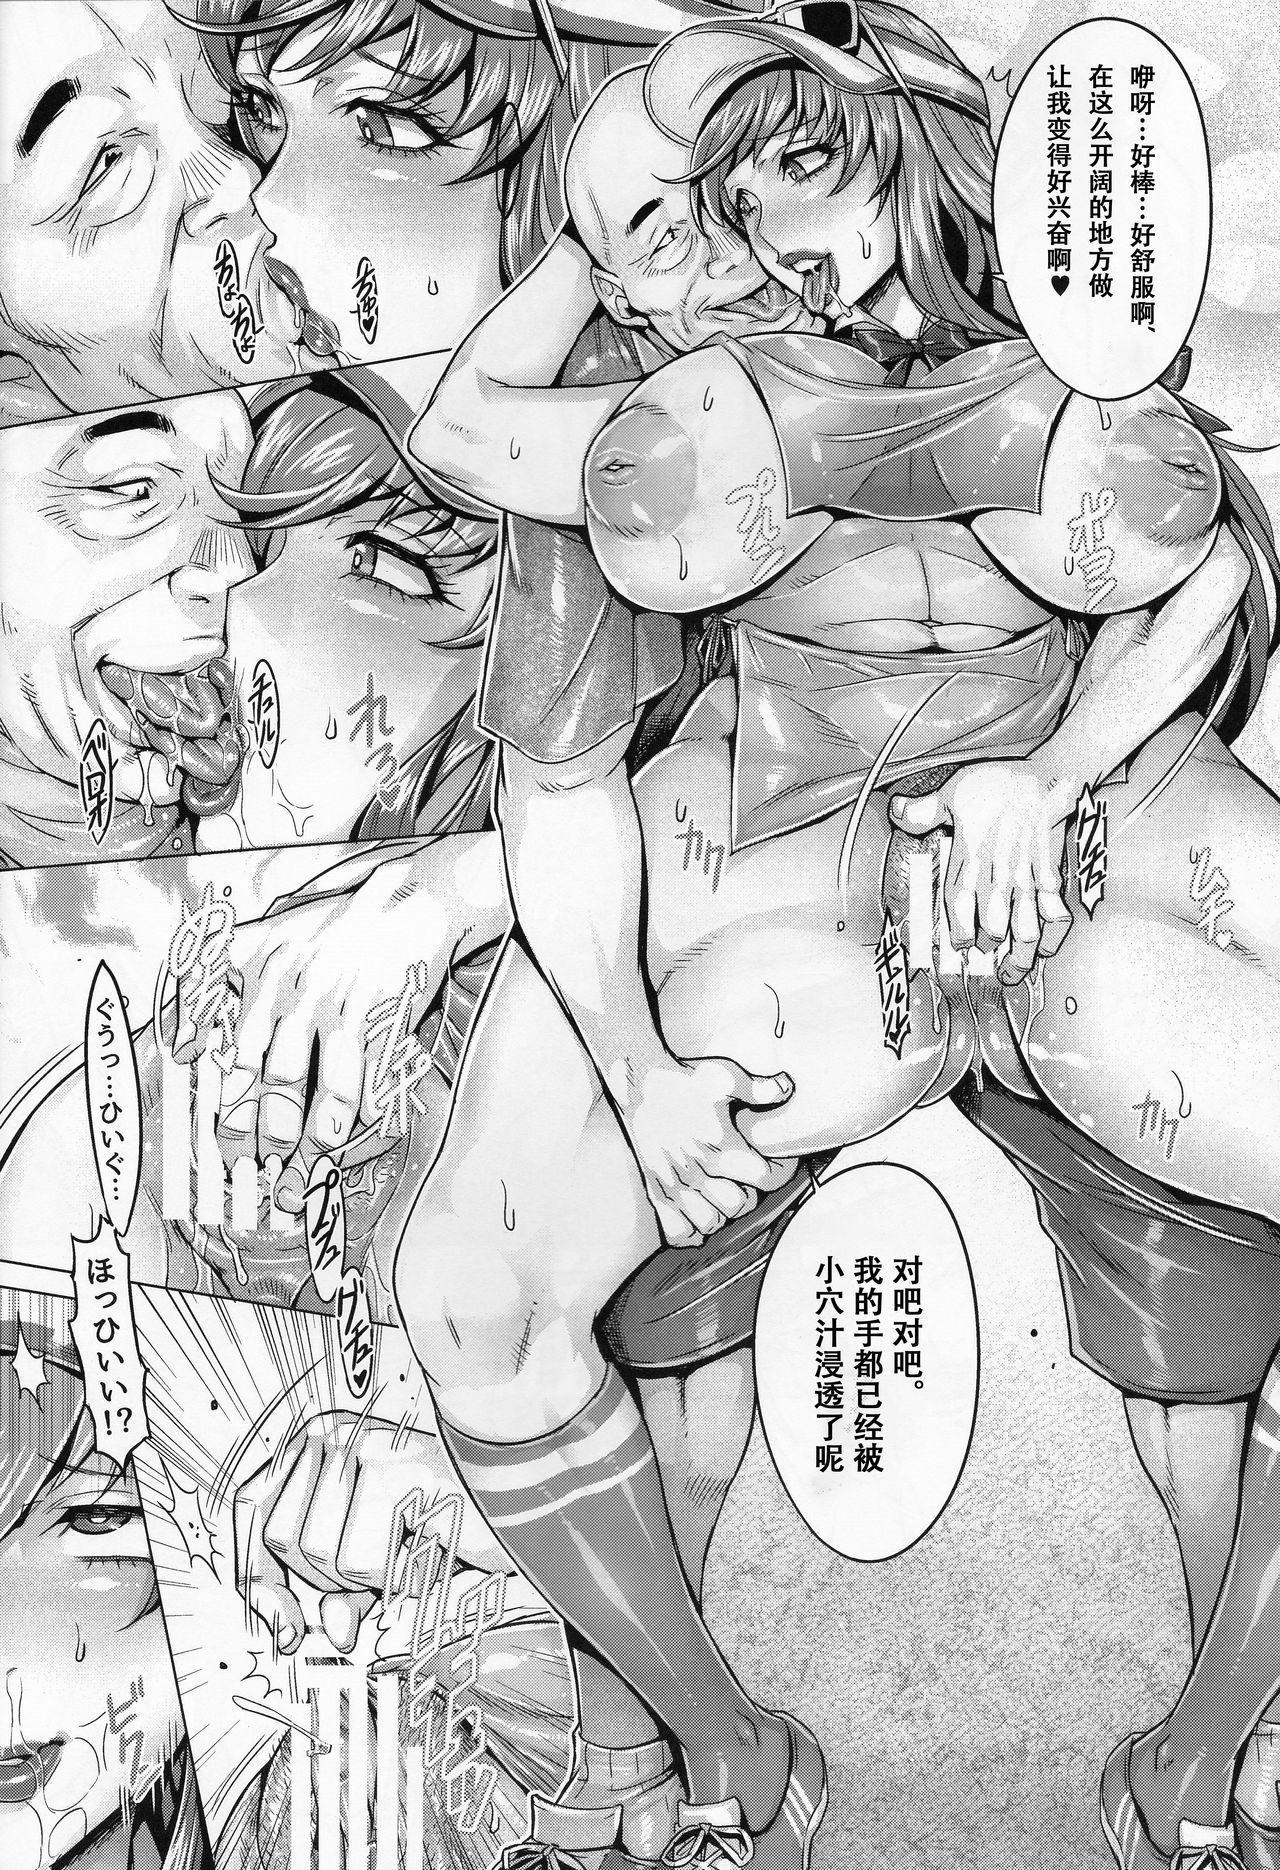 Bimajo no Sennou Settai 8